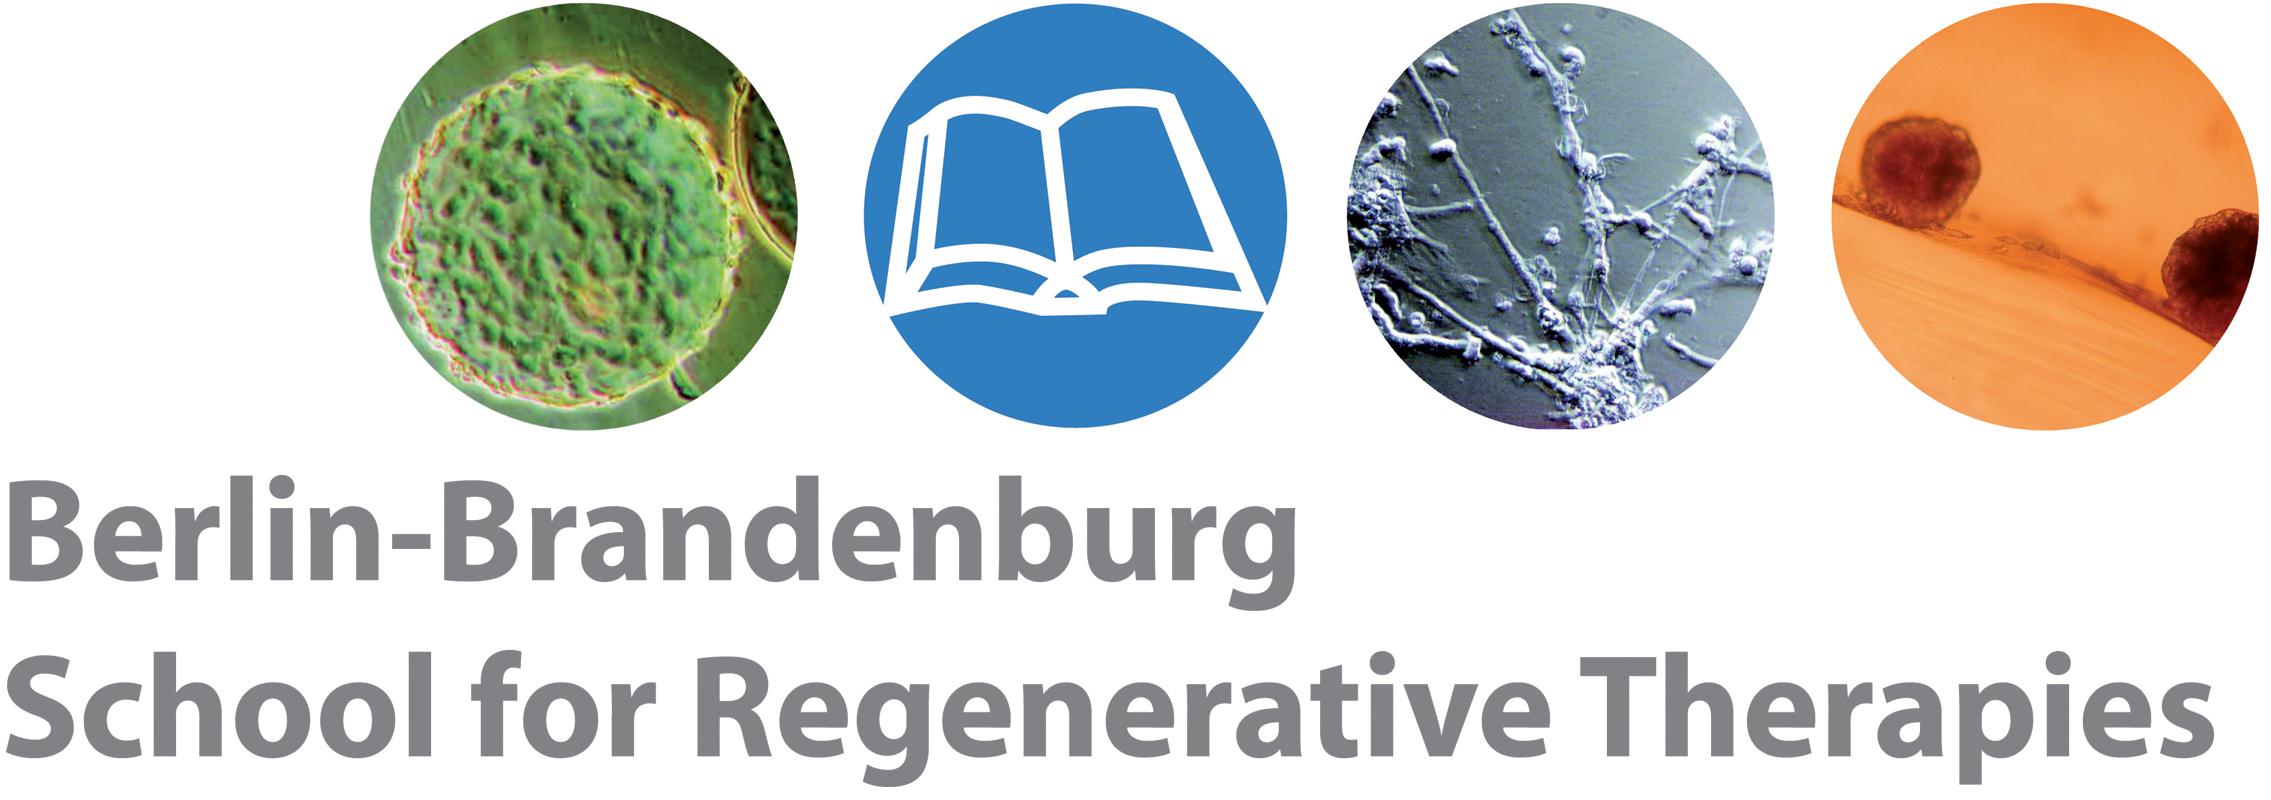 Logo of the Berlin-Brandenburg School for Regenerative Therapies